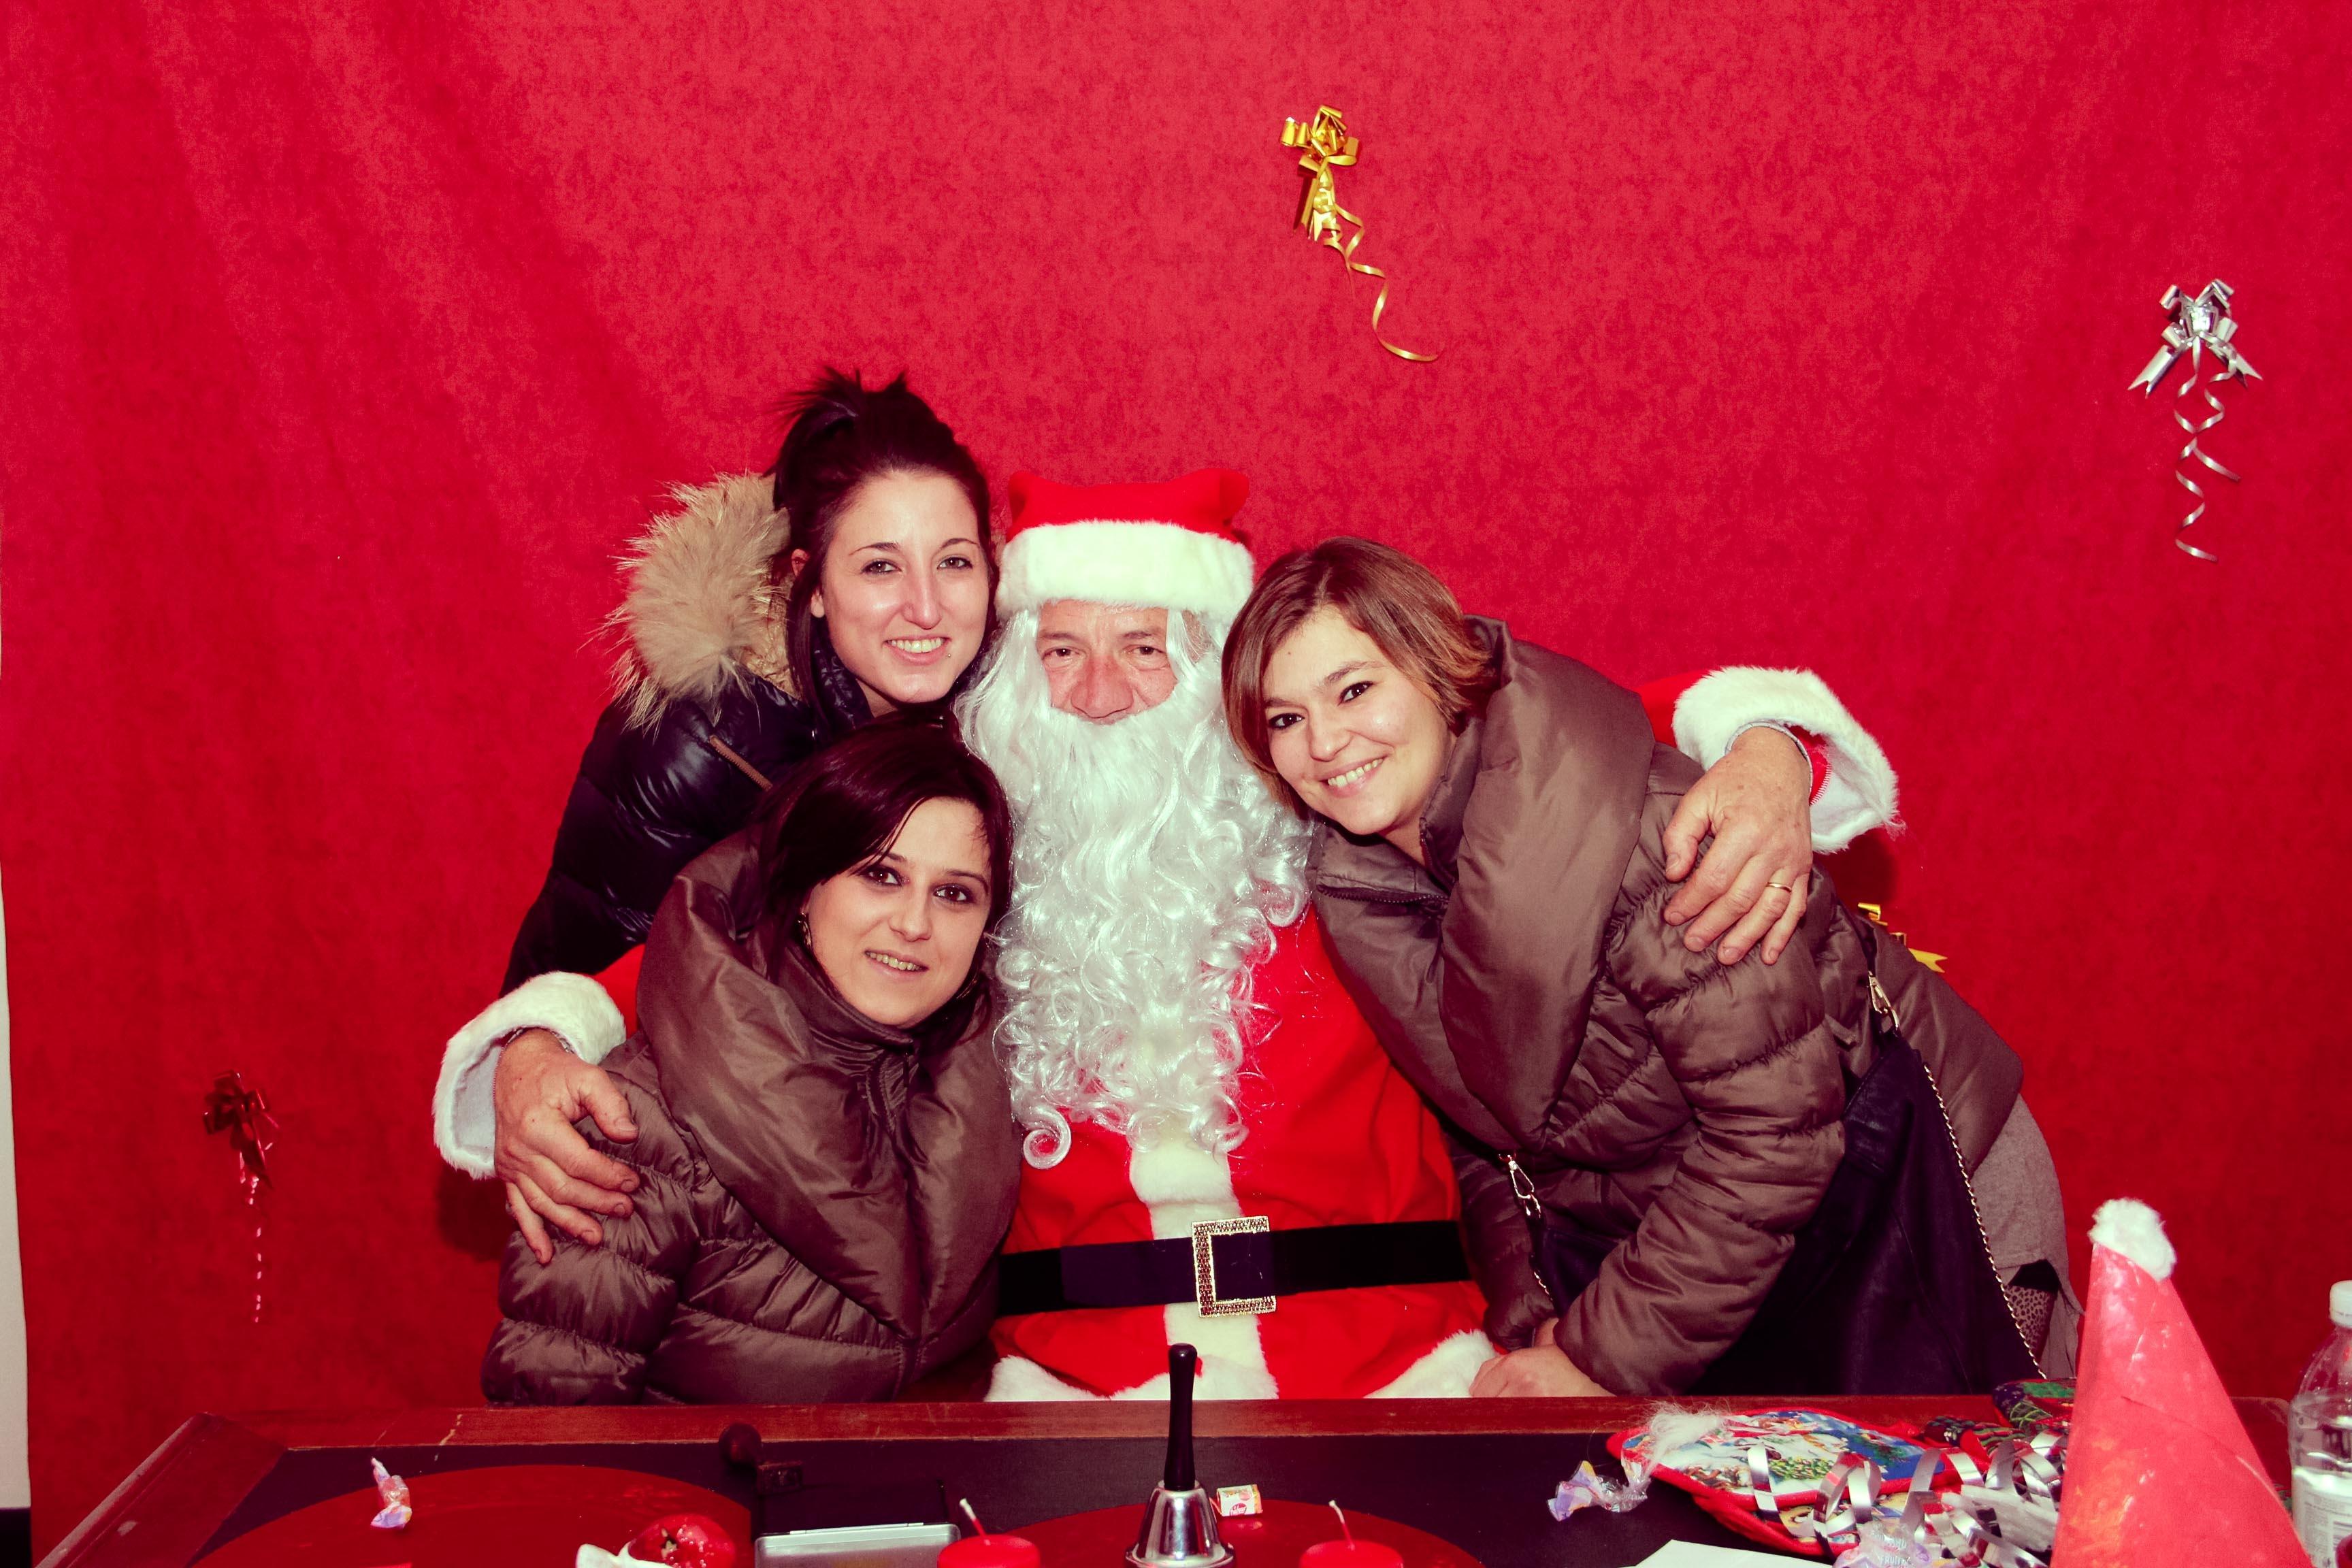 Torna il Villaggio di Babbo Natale a Castiglion Fiorentino